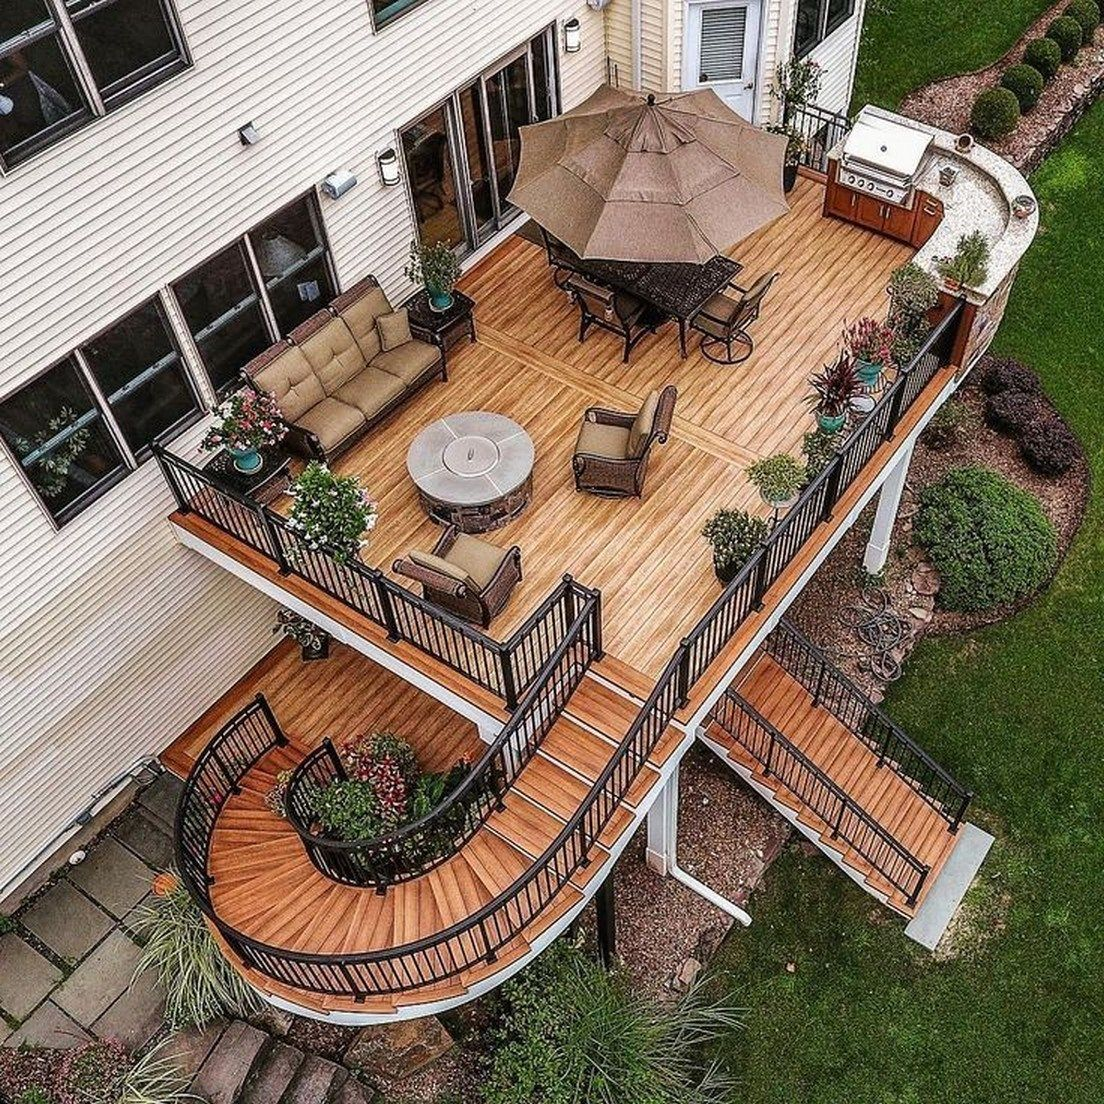 30 Awesome Backyard Ideas For Patios Porches And Decks Fieltro Net House Exterior Backyard Backyard Patio